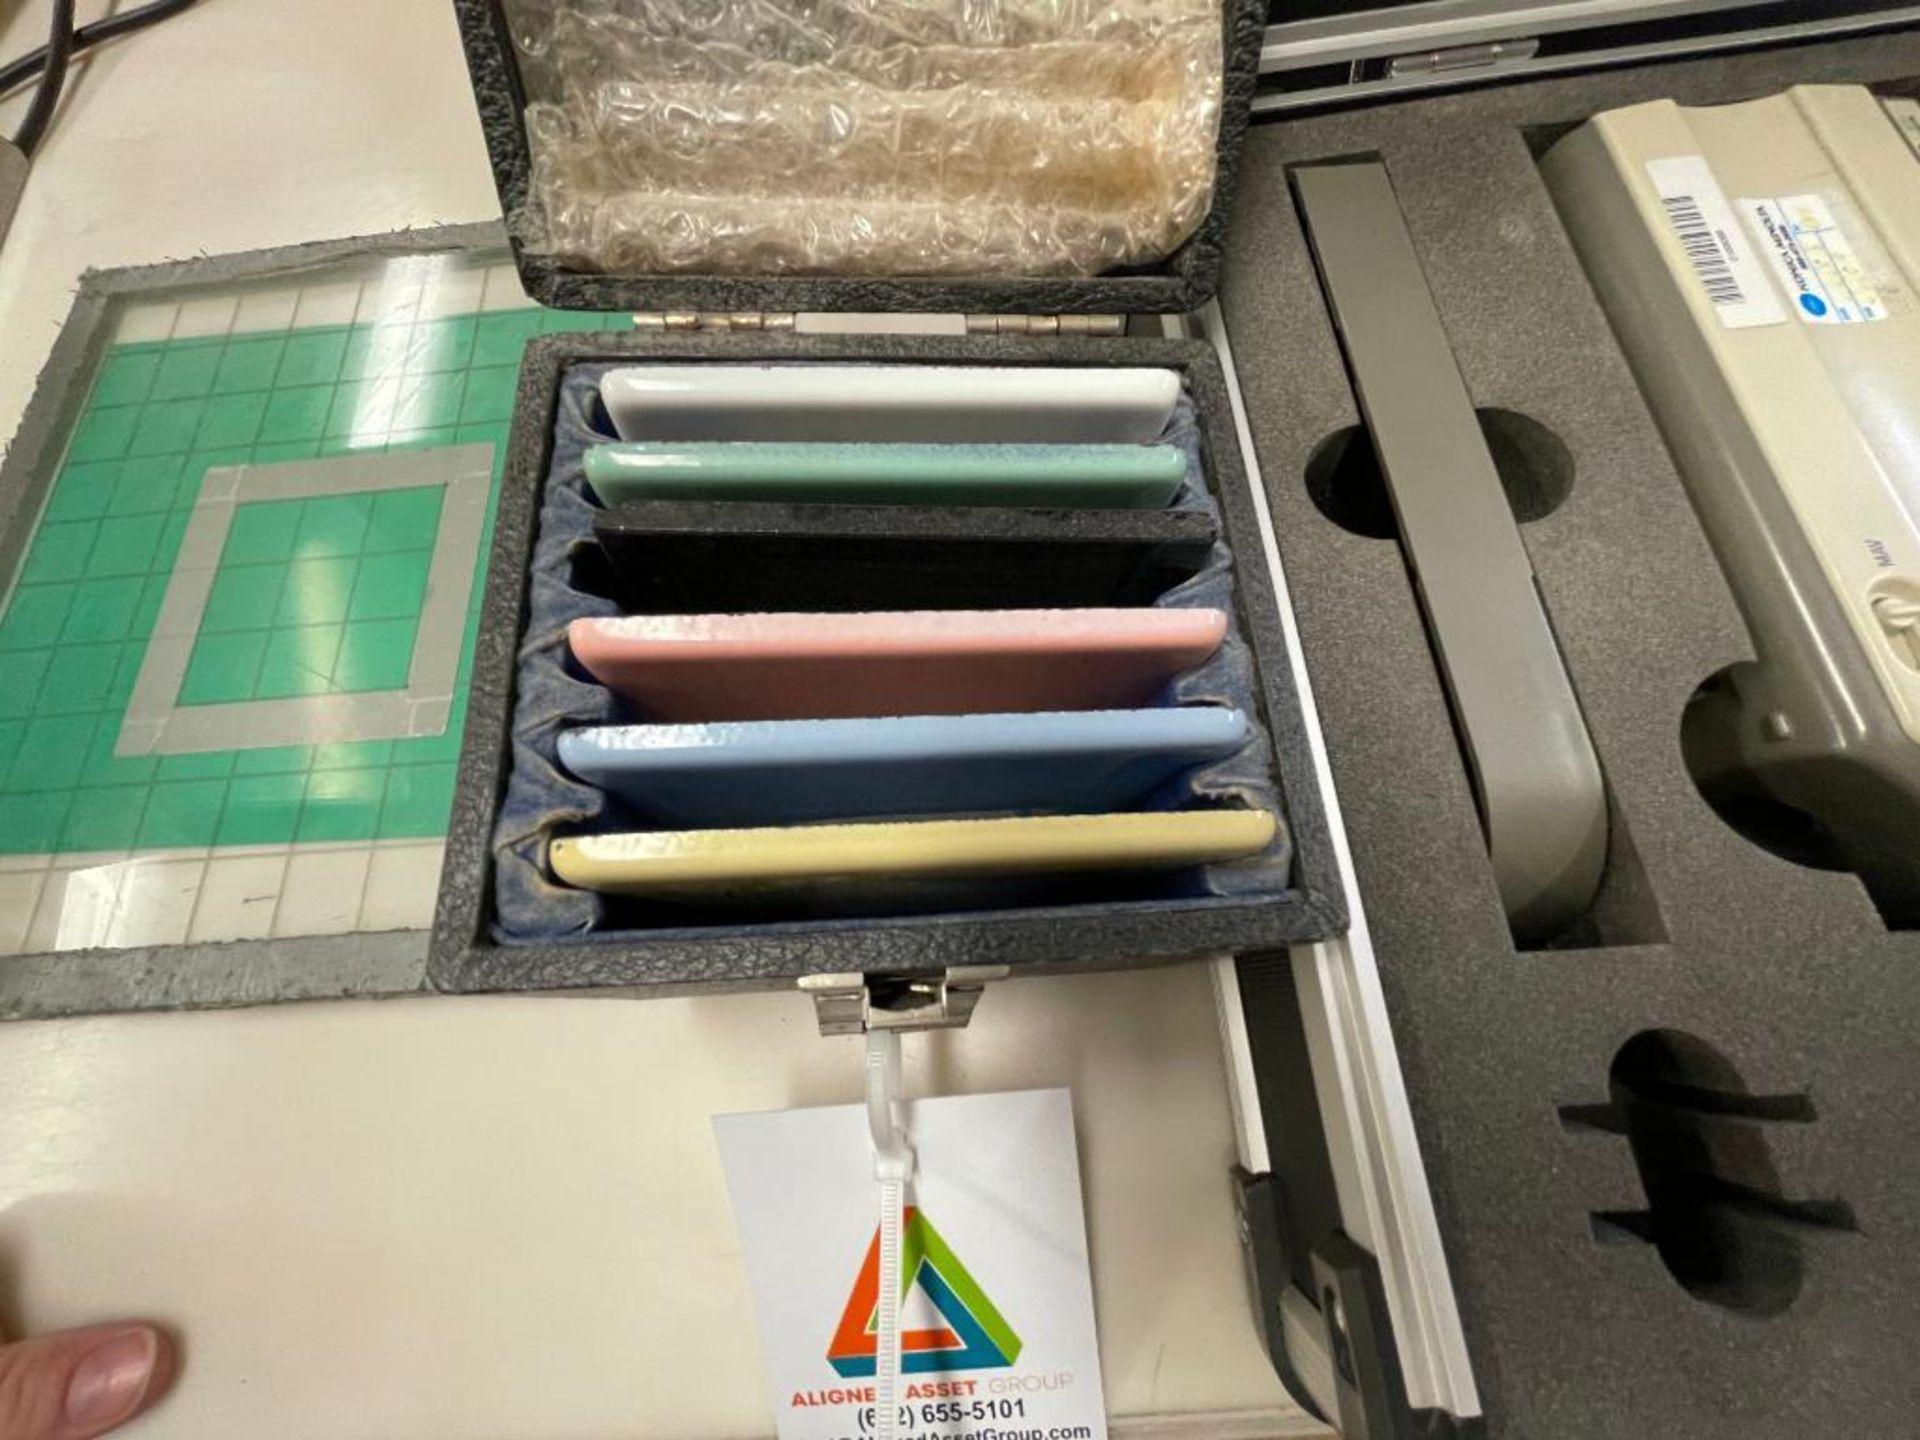 Konica colorimeter - Image 3 of 7